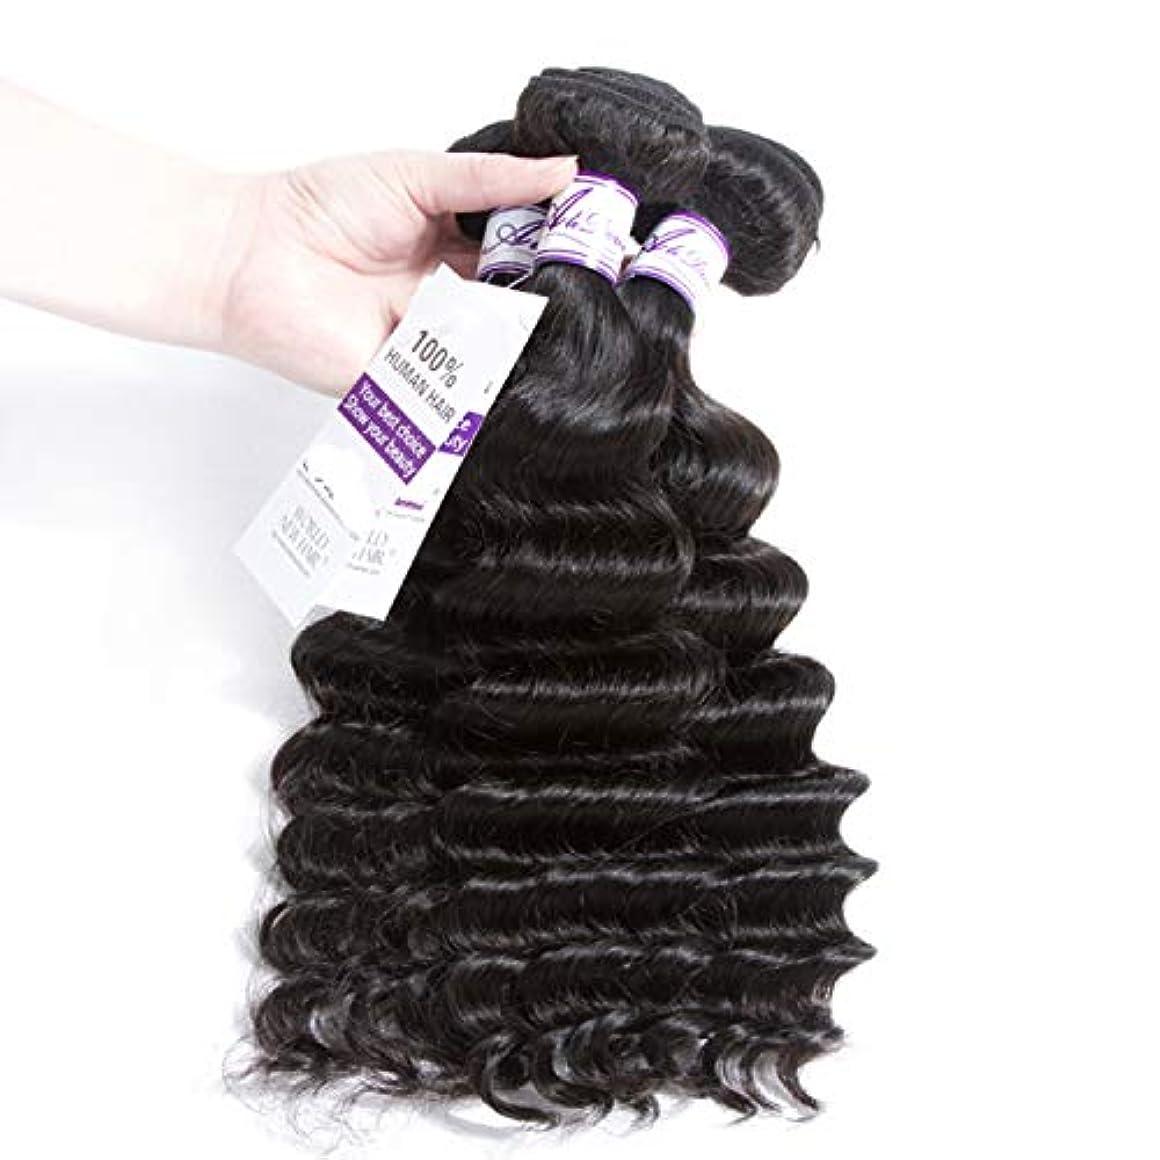 赤外線勘違いする感じかつら ブラジルルースディープウェーブ3バンドルお得な非Remy人間の髪織りエクステンションナチュラルブラックヘアエクステンション3ピース (Length : 24 24 26)